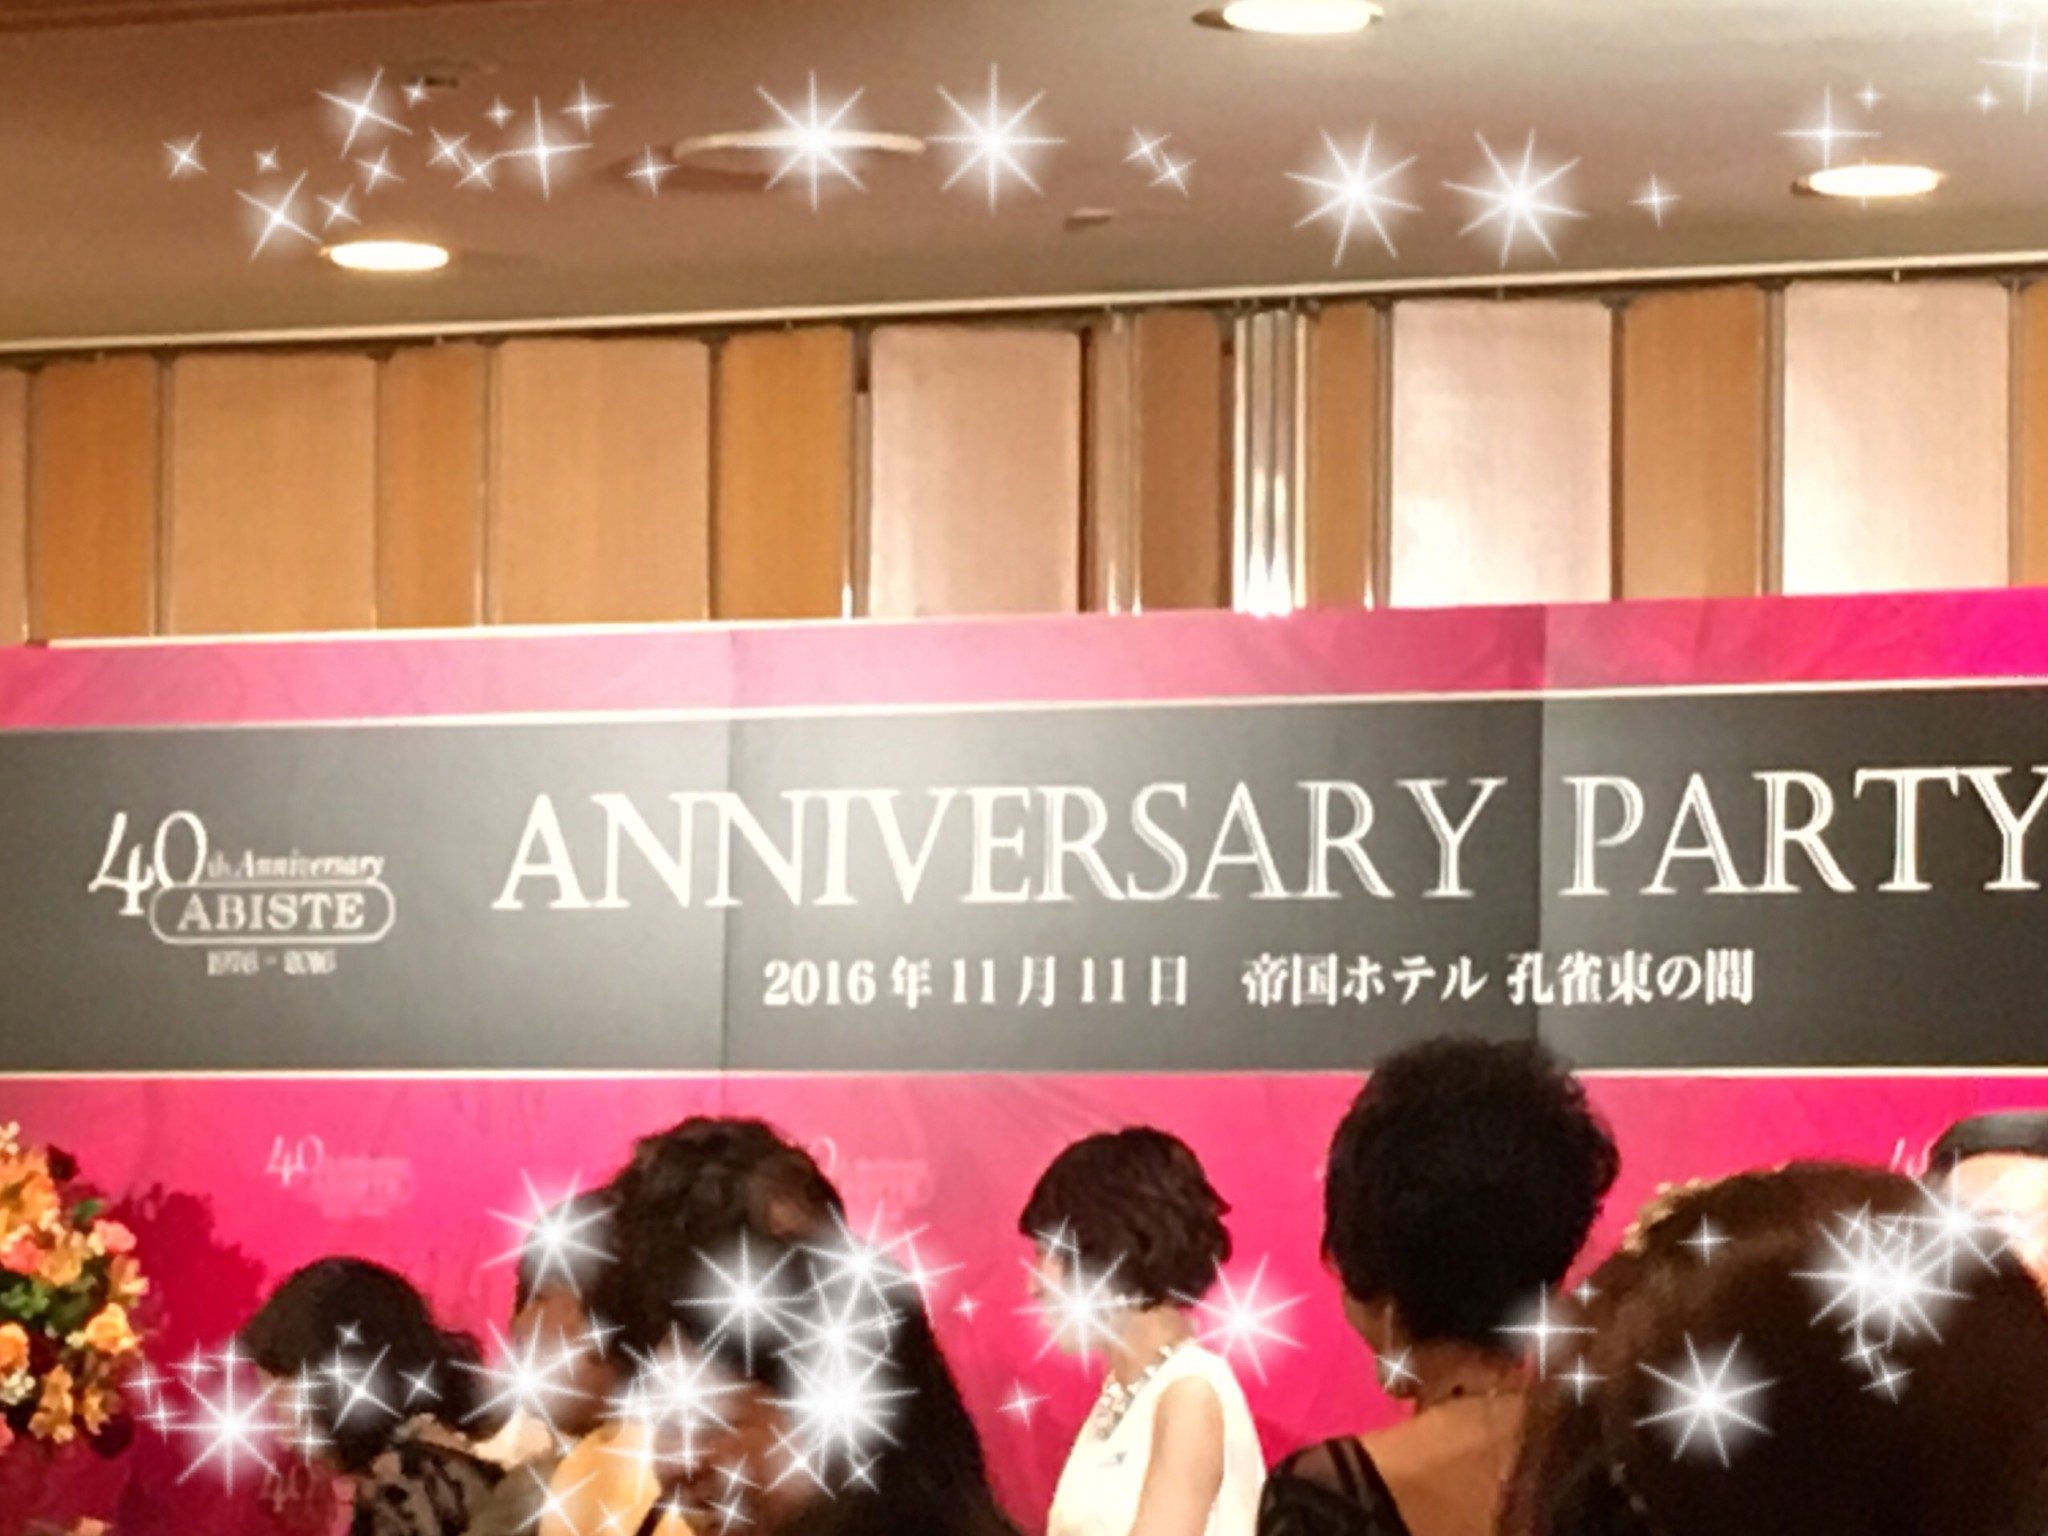 帝国ホテルにて周年記念パーティー演奏でした